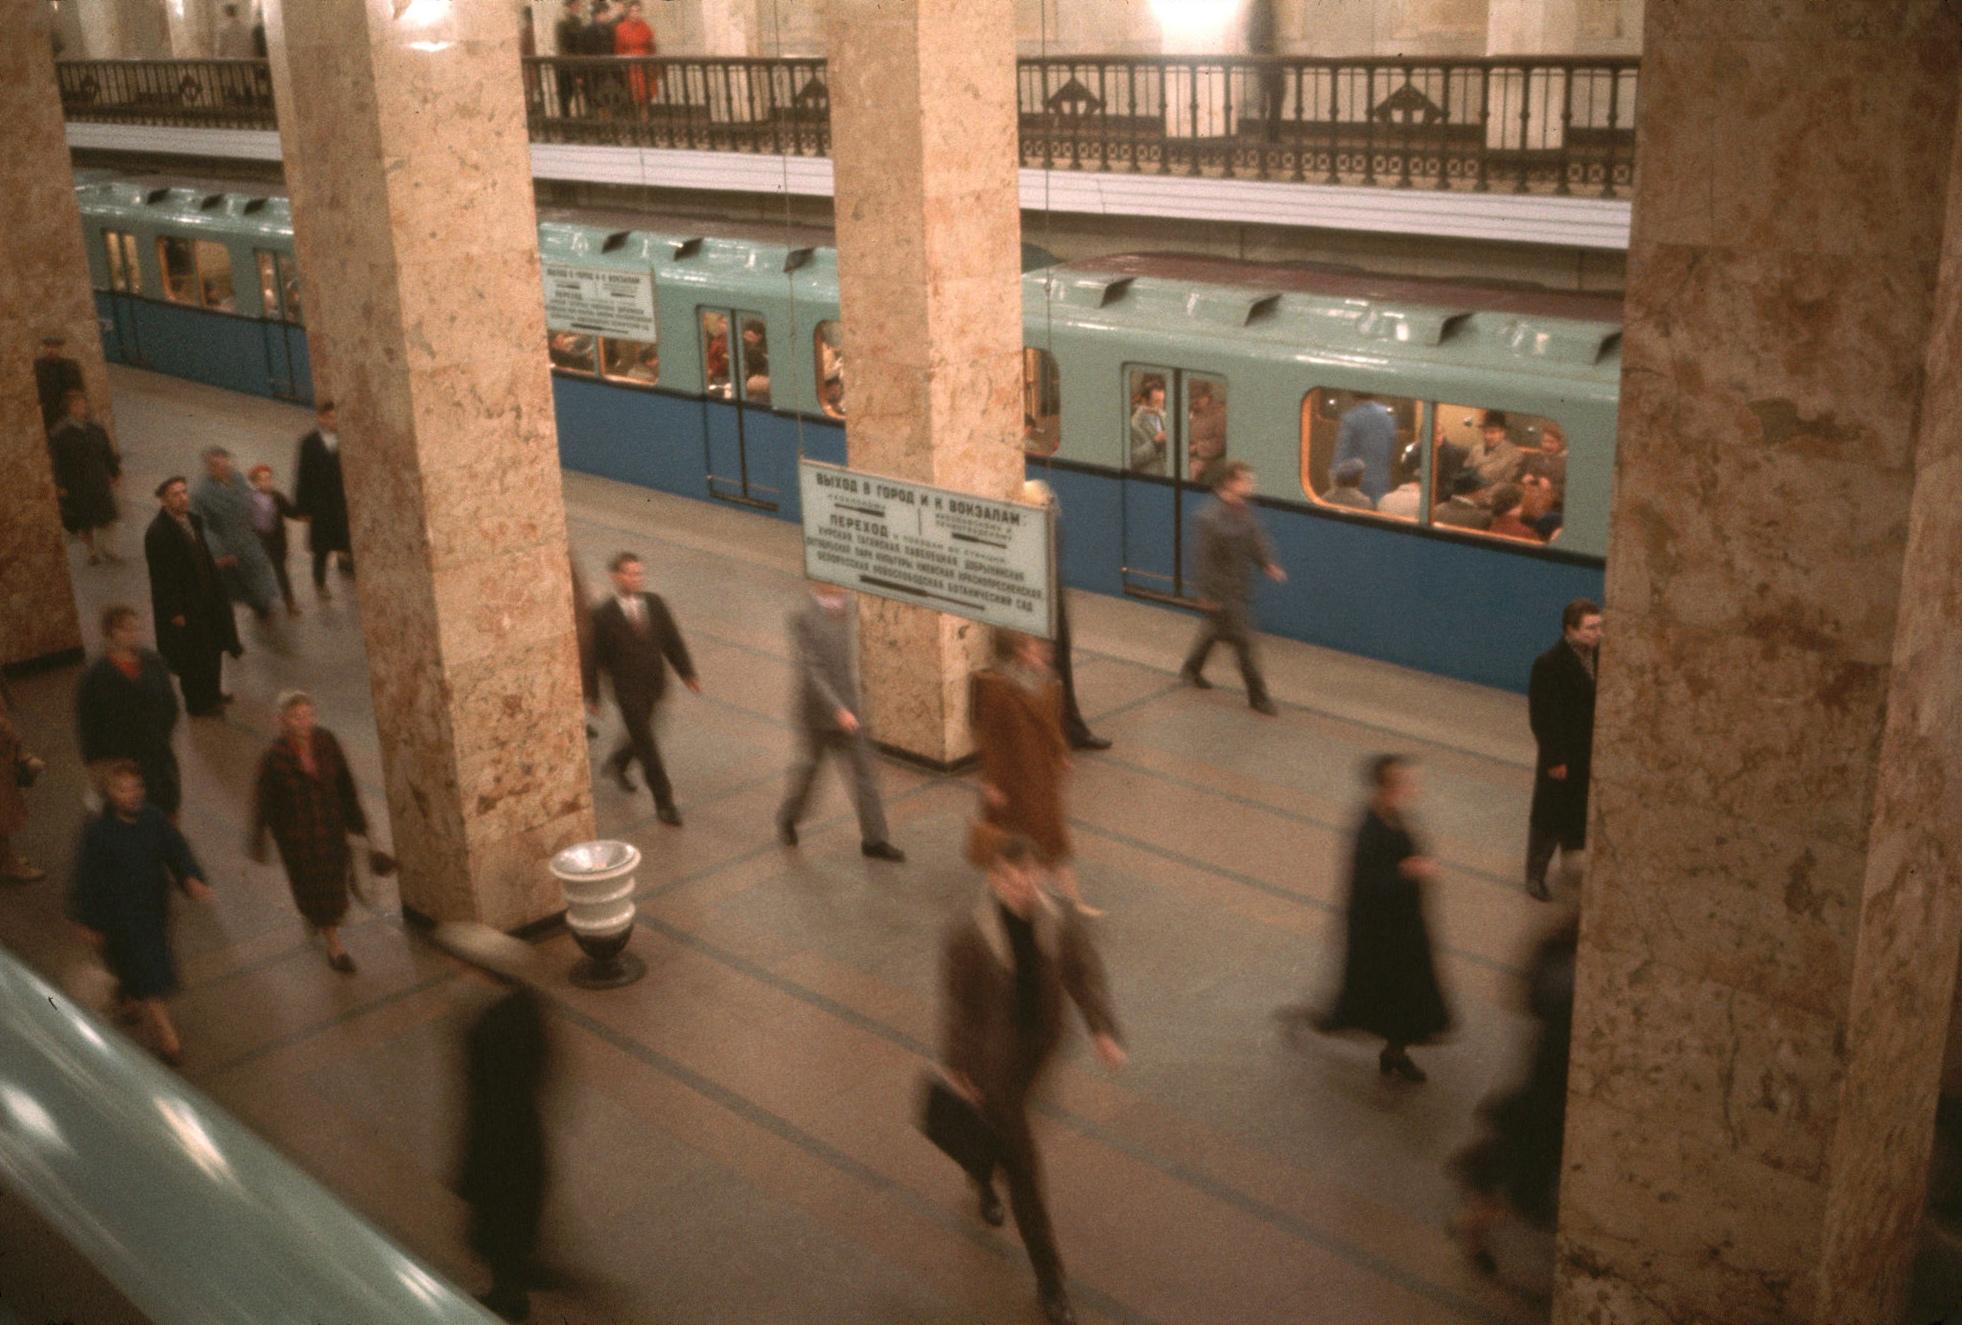 1964. Москва. Станция метро «Комсомольская» Кировско-Фрунзенской линии